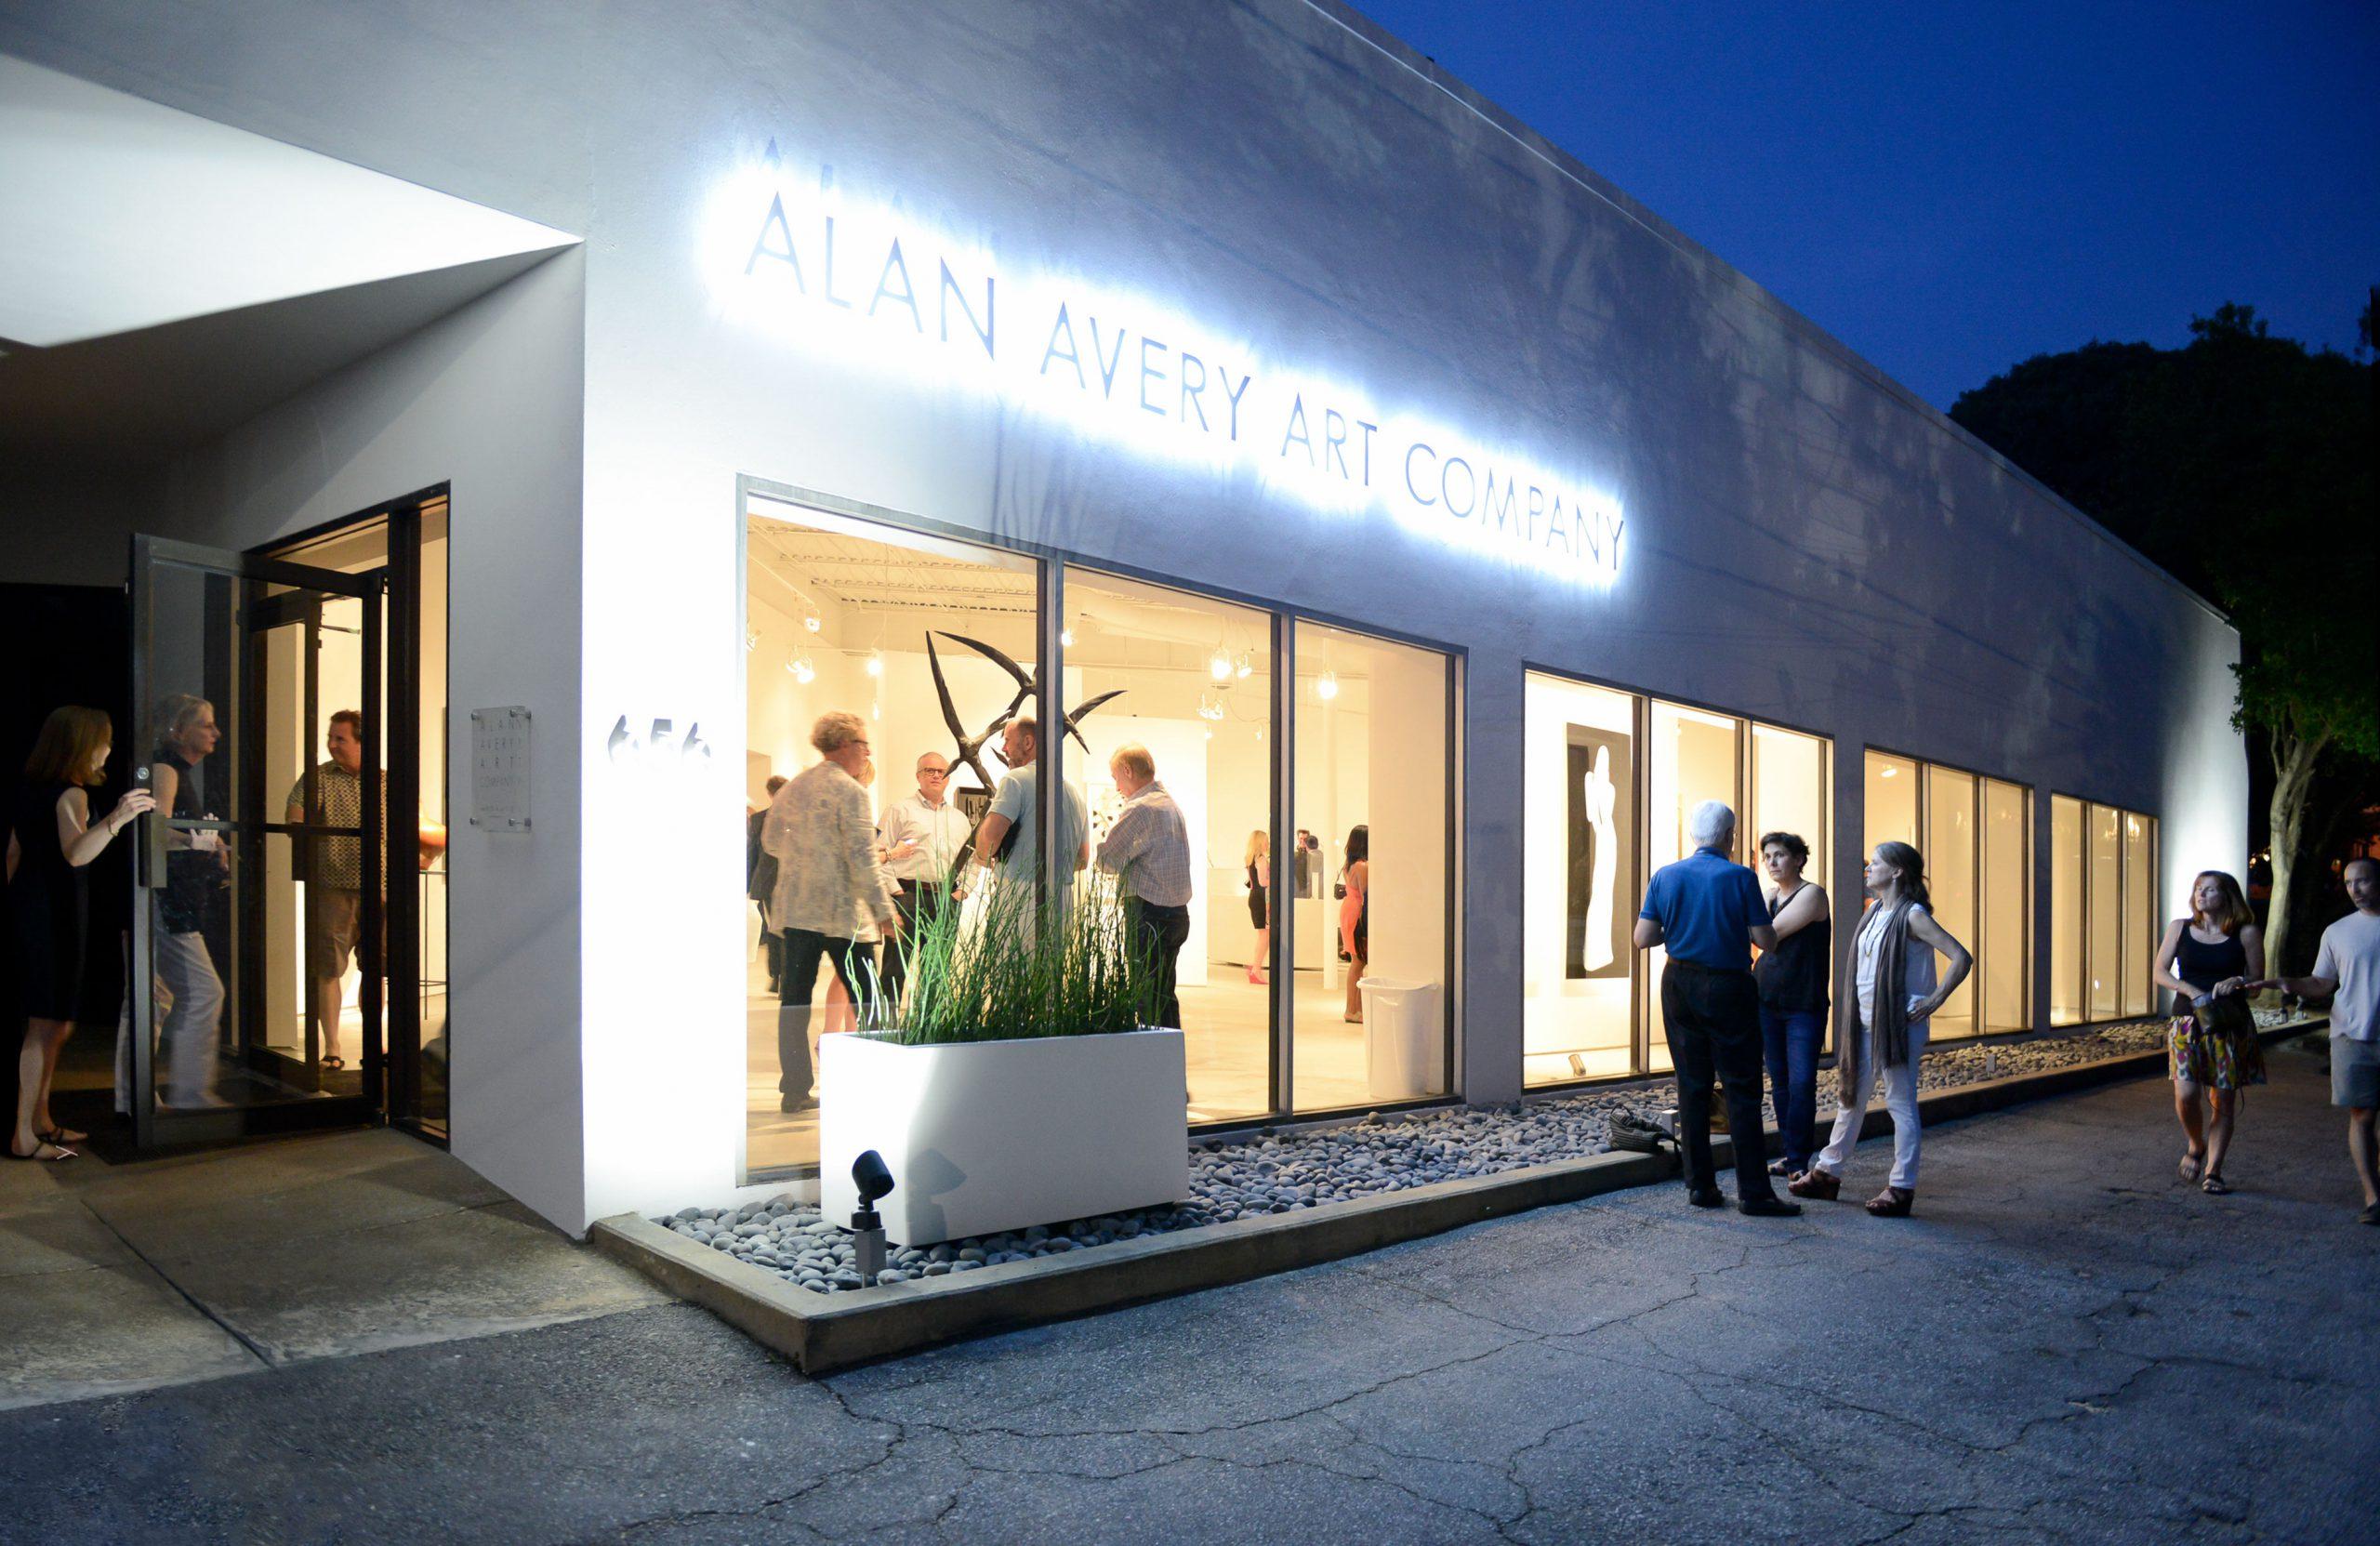 Alan Avery Art Company